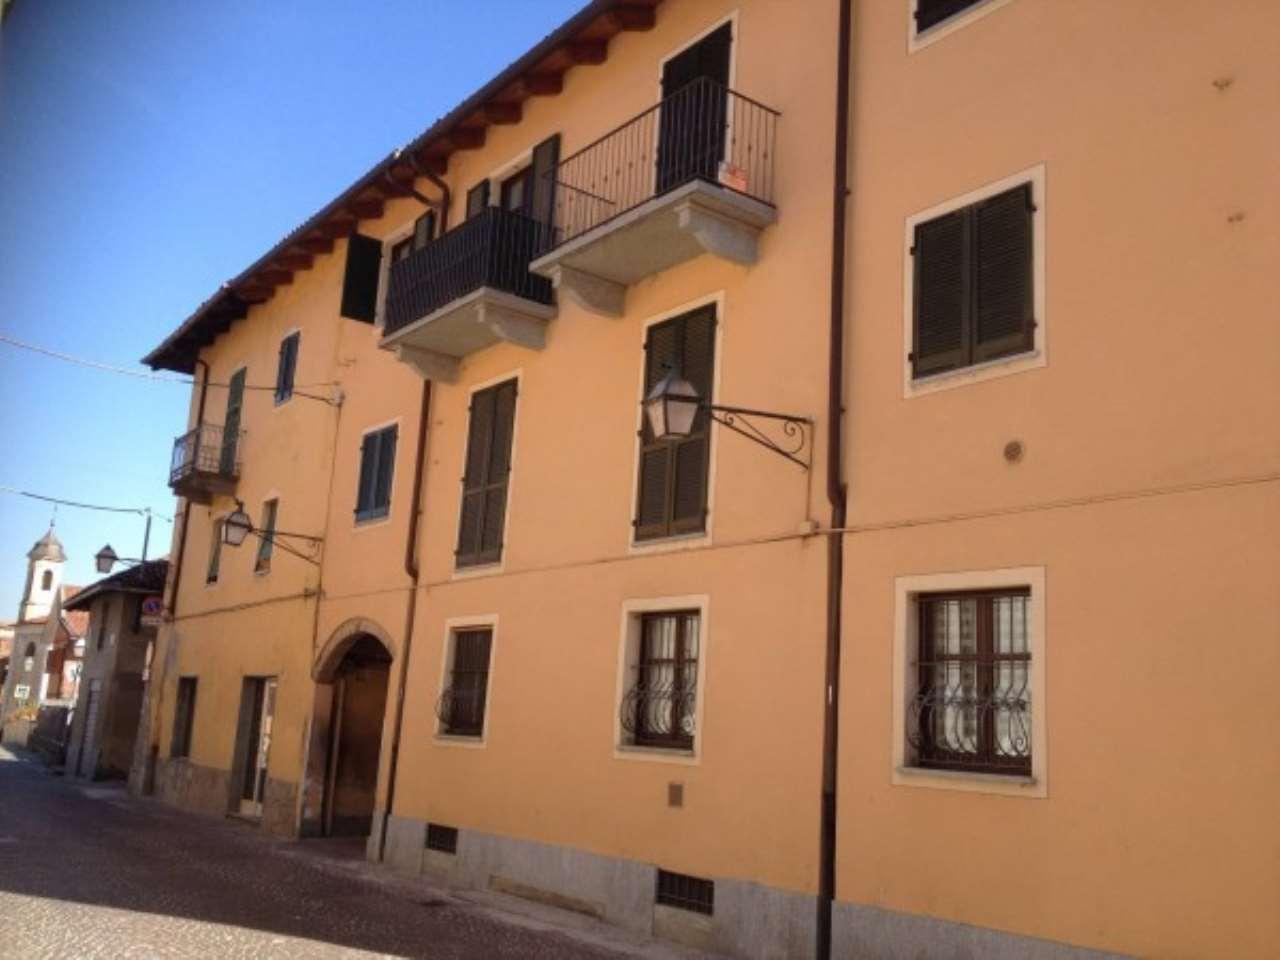 Appartamento in affitto a Cavallermaggiore, 2 locali, prezzo € 330 | Cambio Casa.it